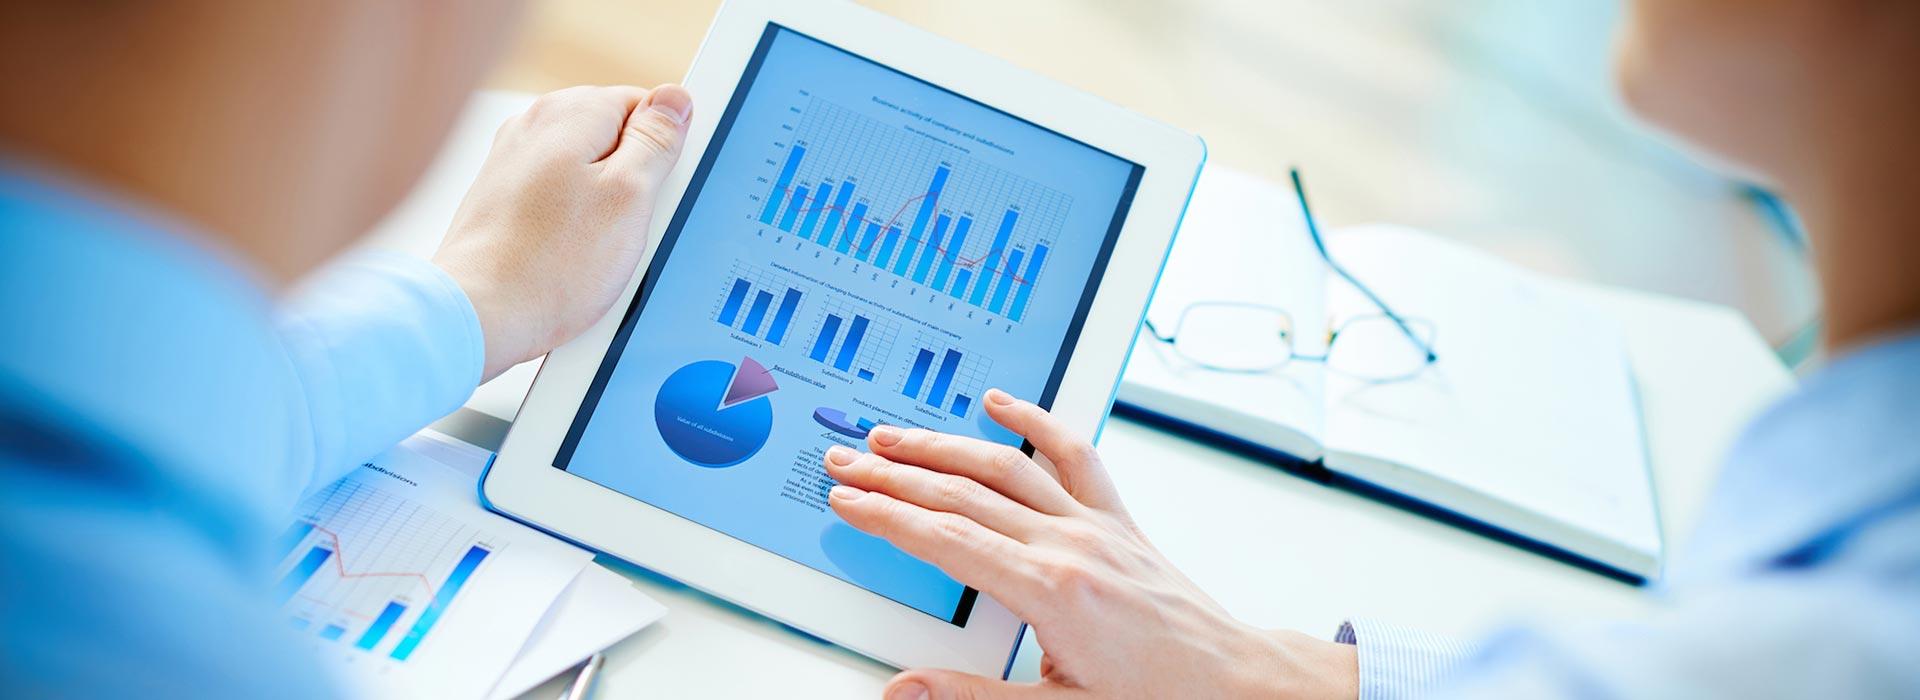 Artículos y noticias de actualidad sobre prácticas CRM para conocer las necesidades de los clientes y poder ponerlas en el centro de todas las acciones